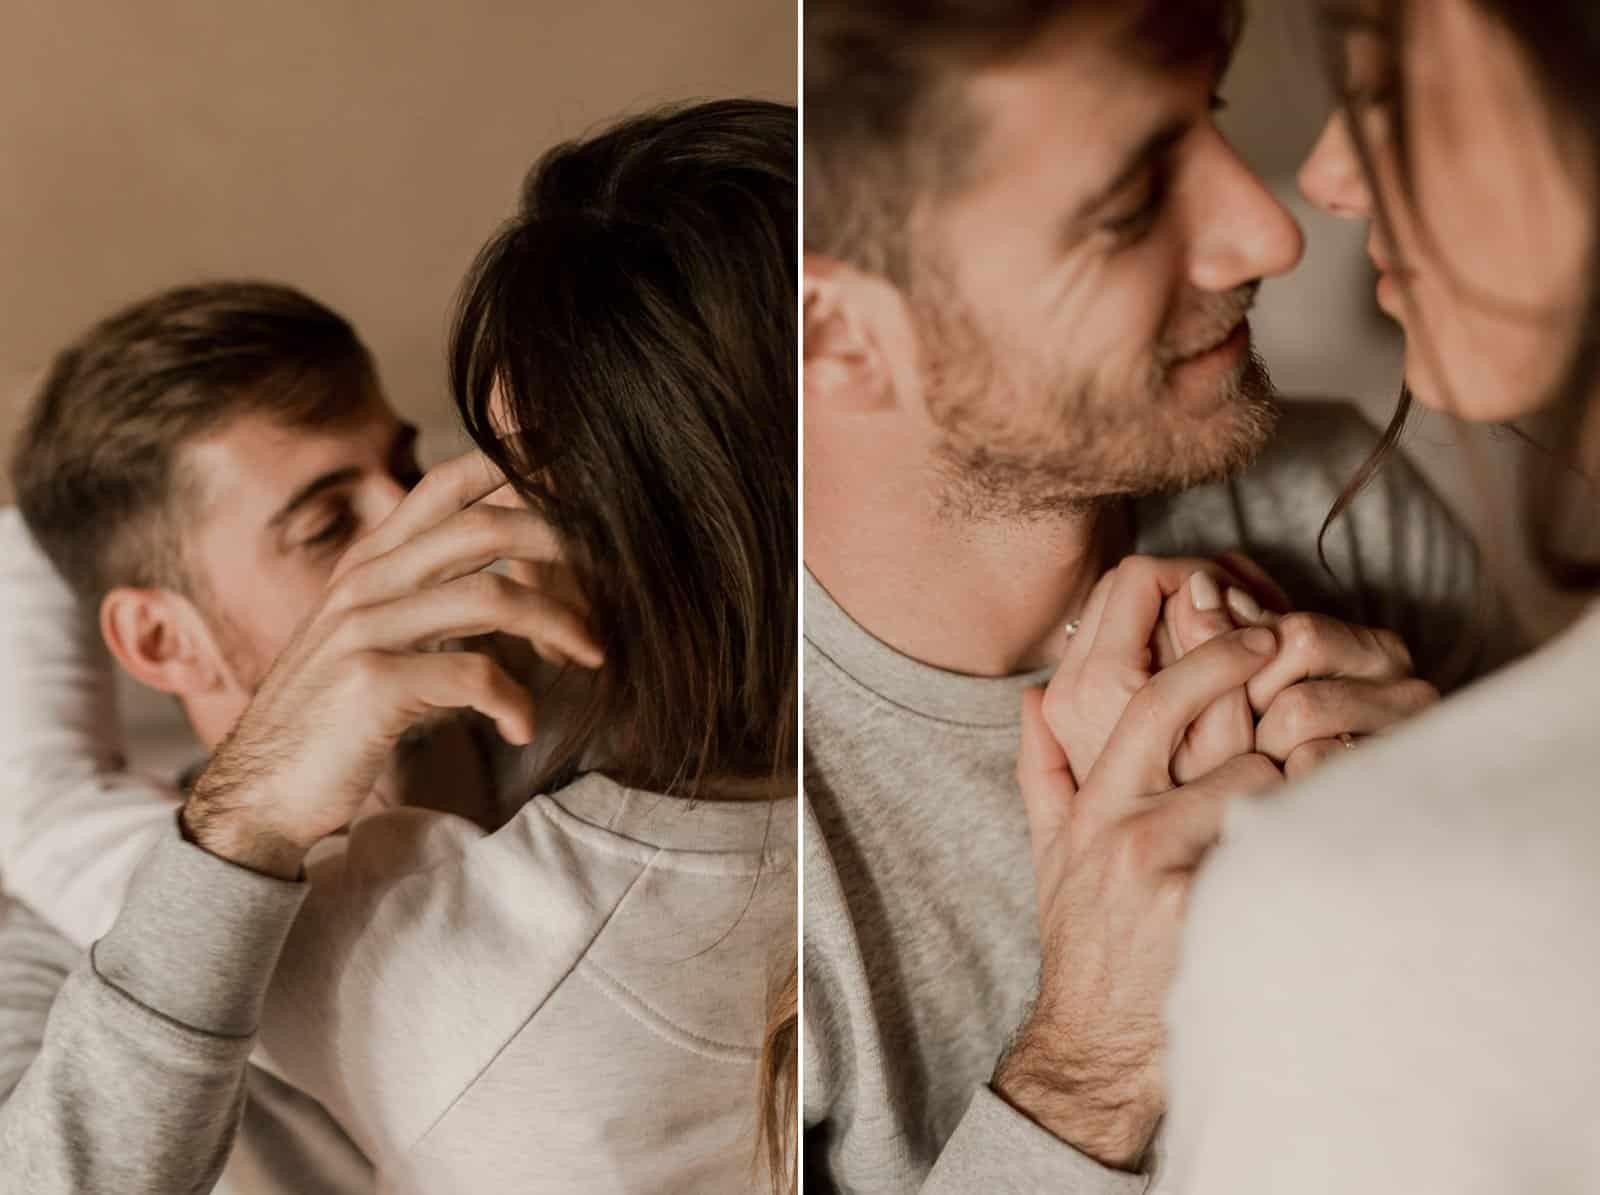 photographe couple intime normandie calvados caen